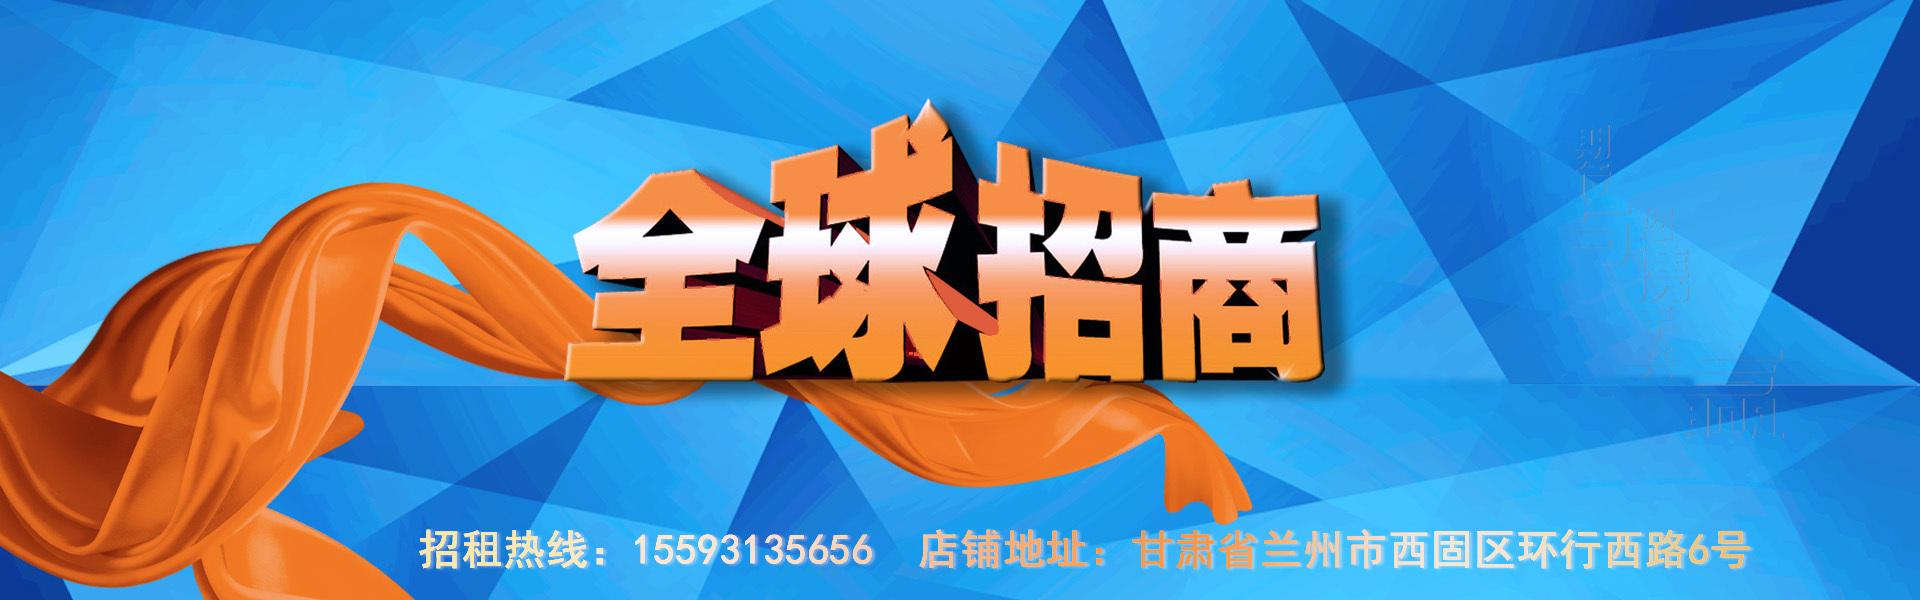 甘肅鑫港物流有限公司主要業務:蘭州五金建材市場、蘭州五金批發市場、建材市場、鋼材木材現貨市場招商